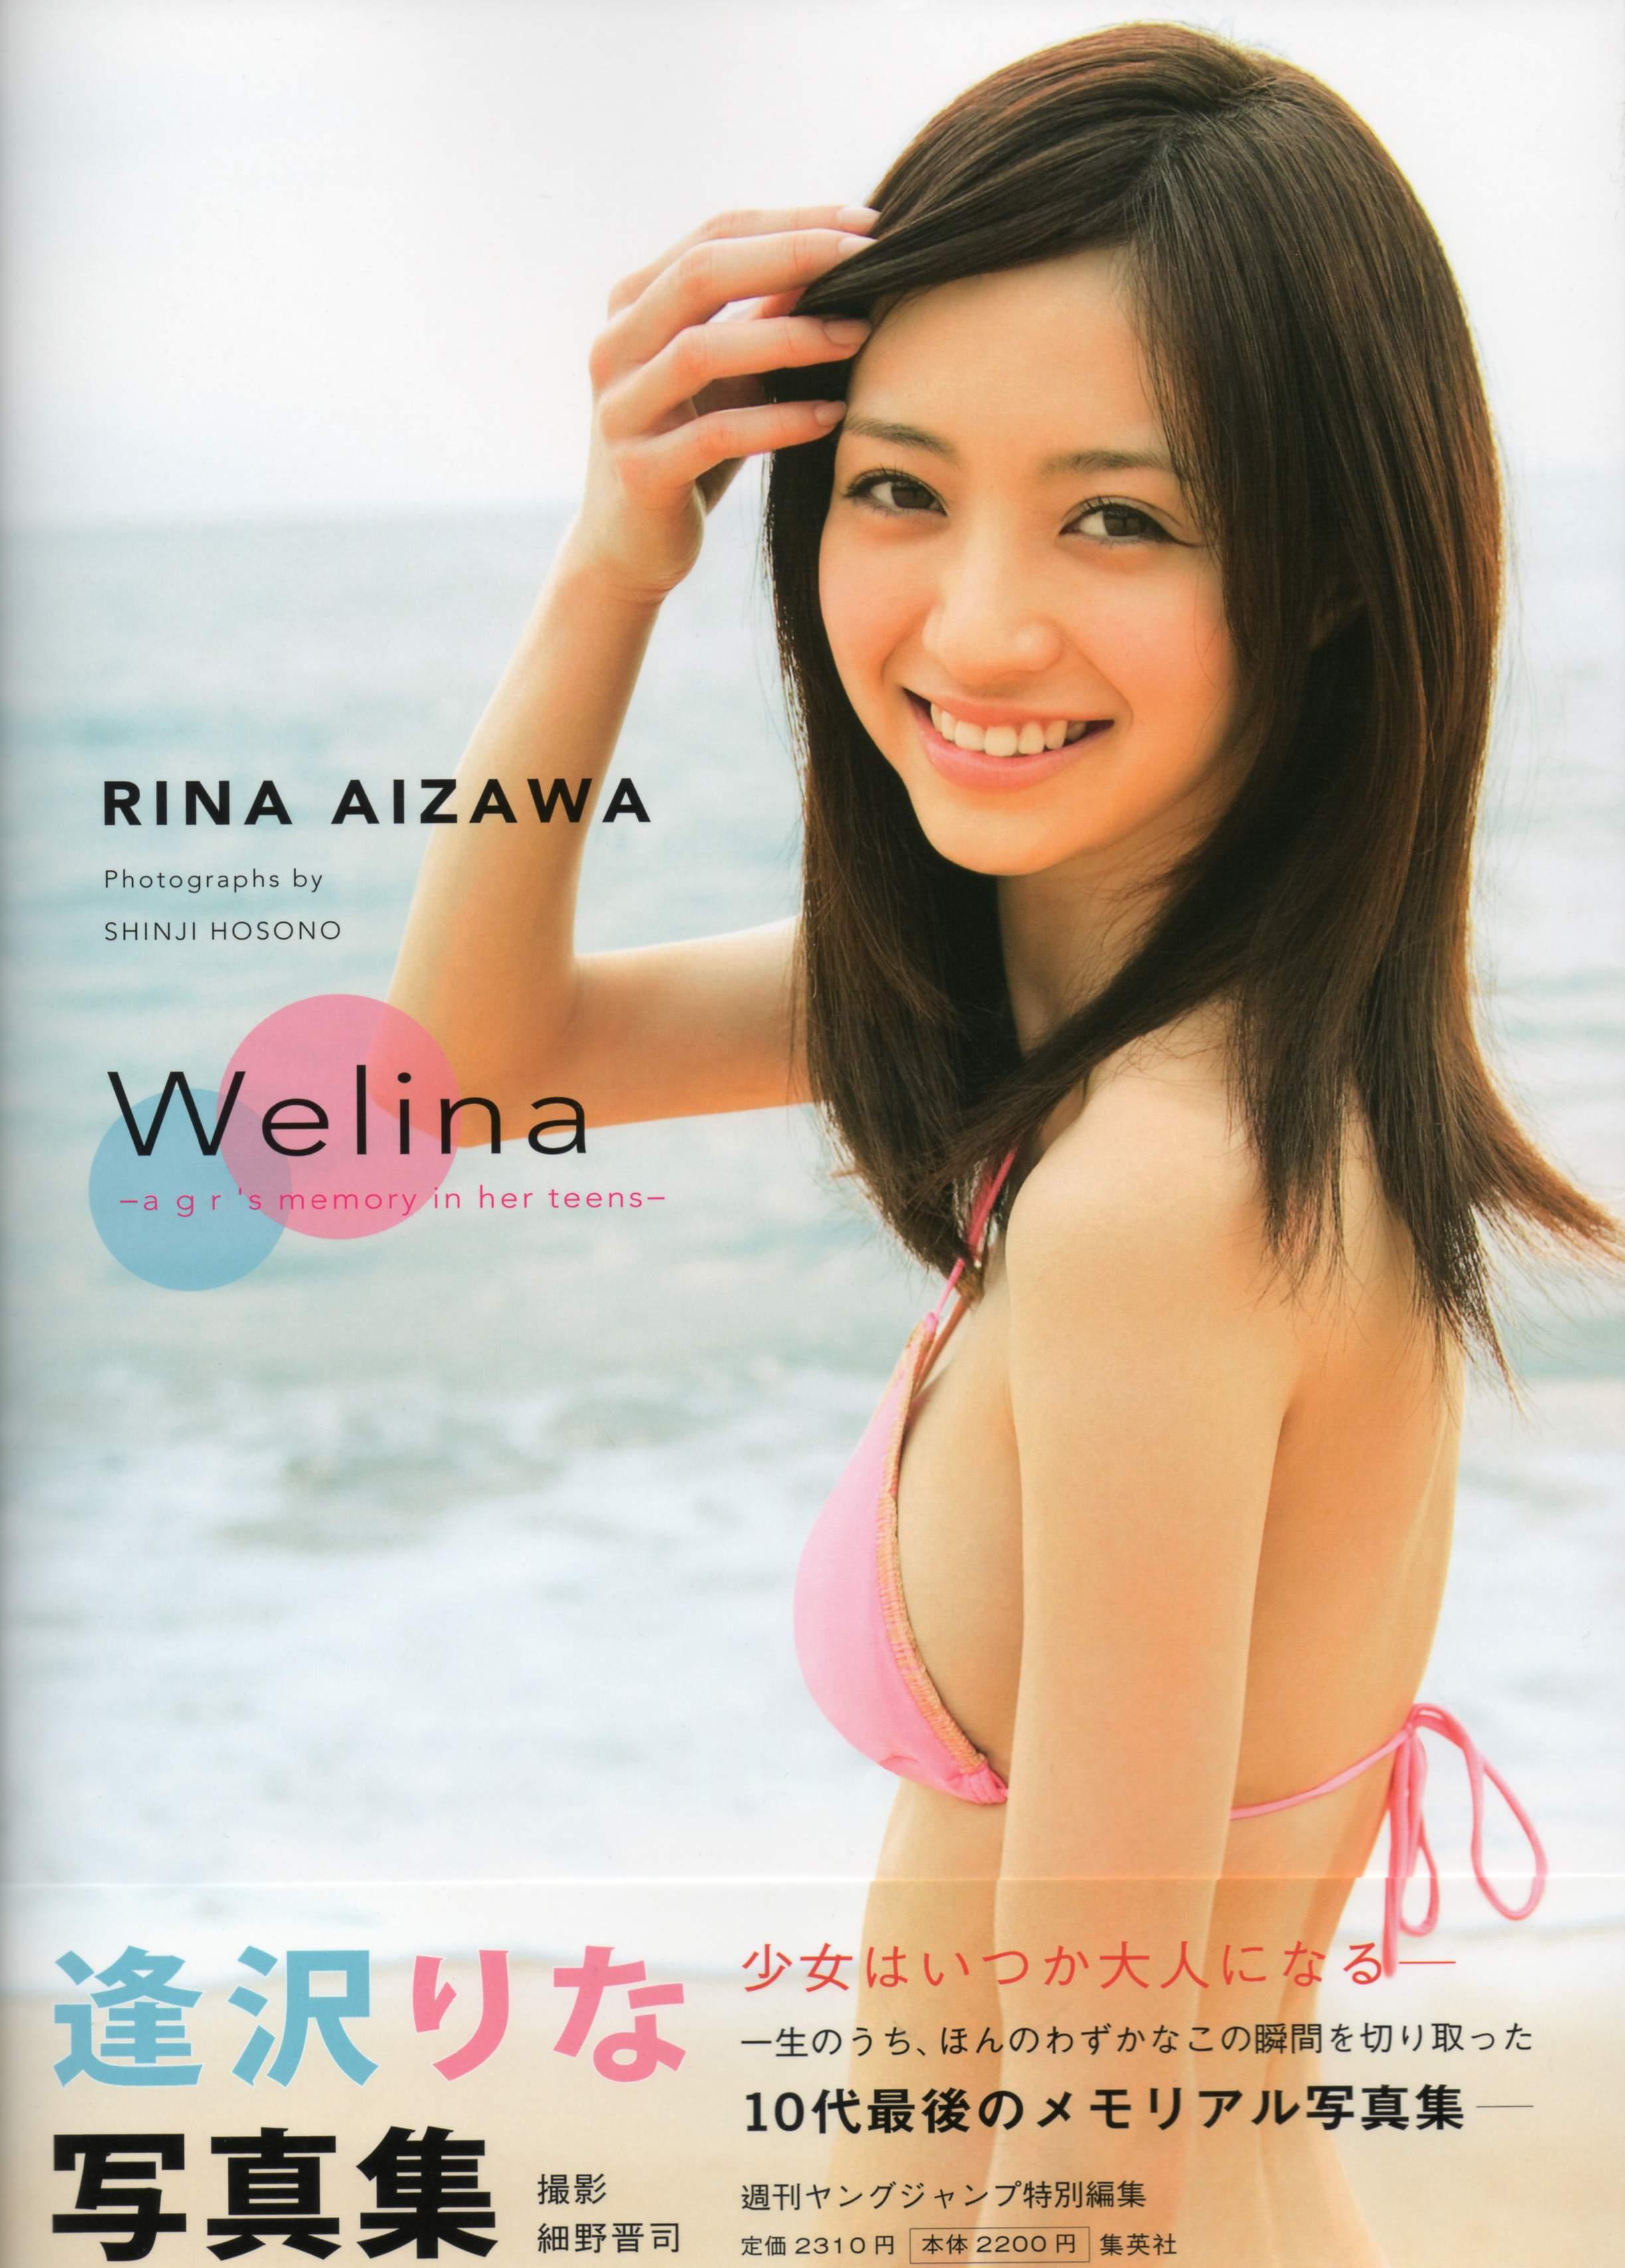 Welina001